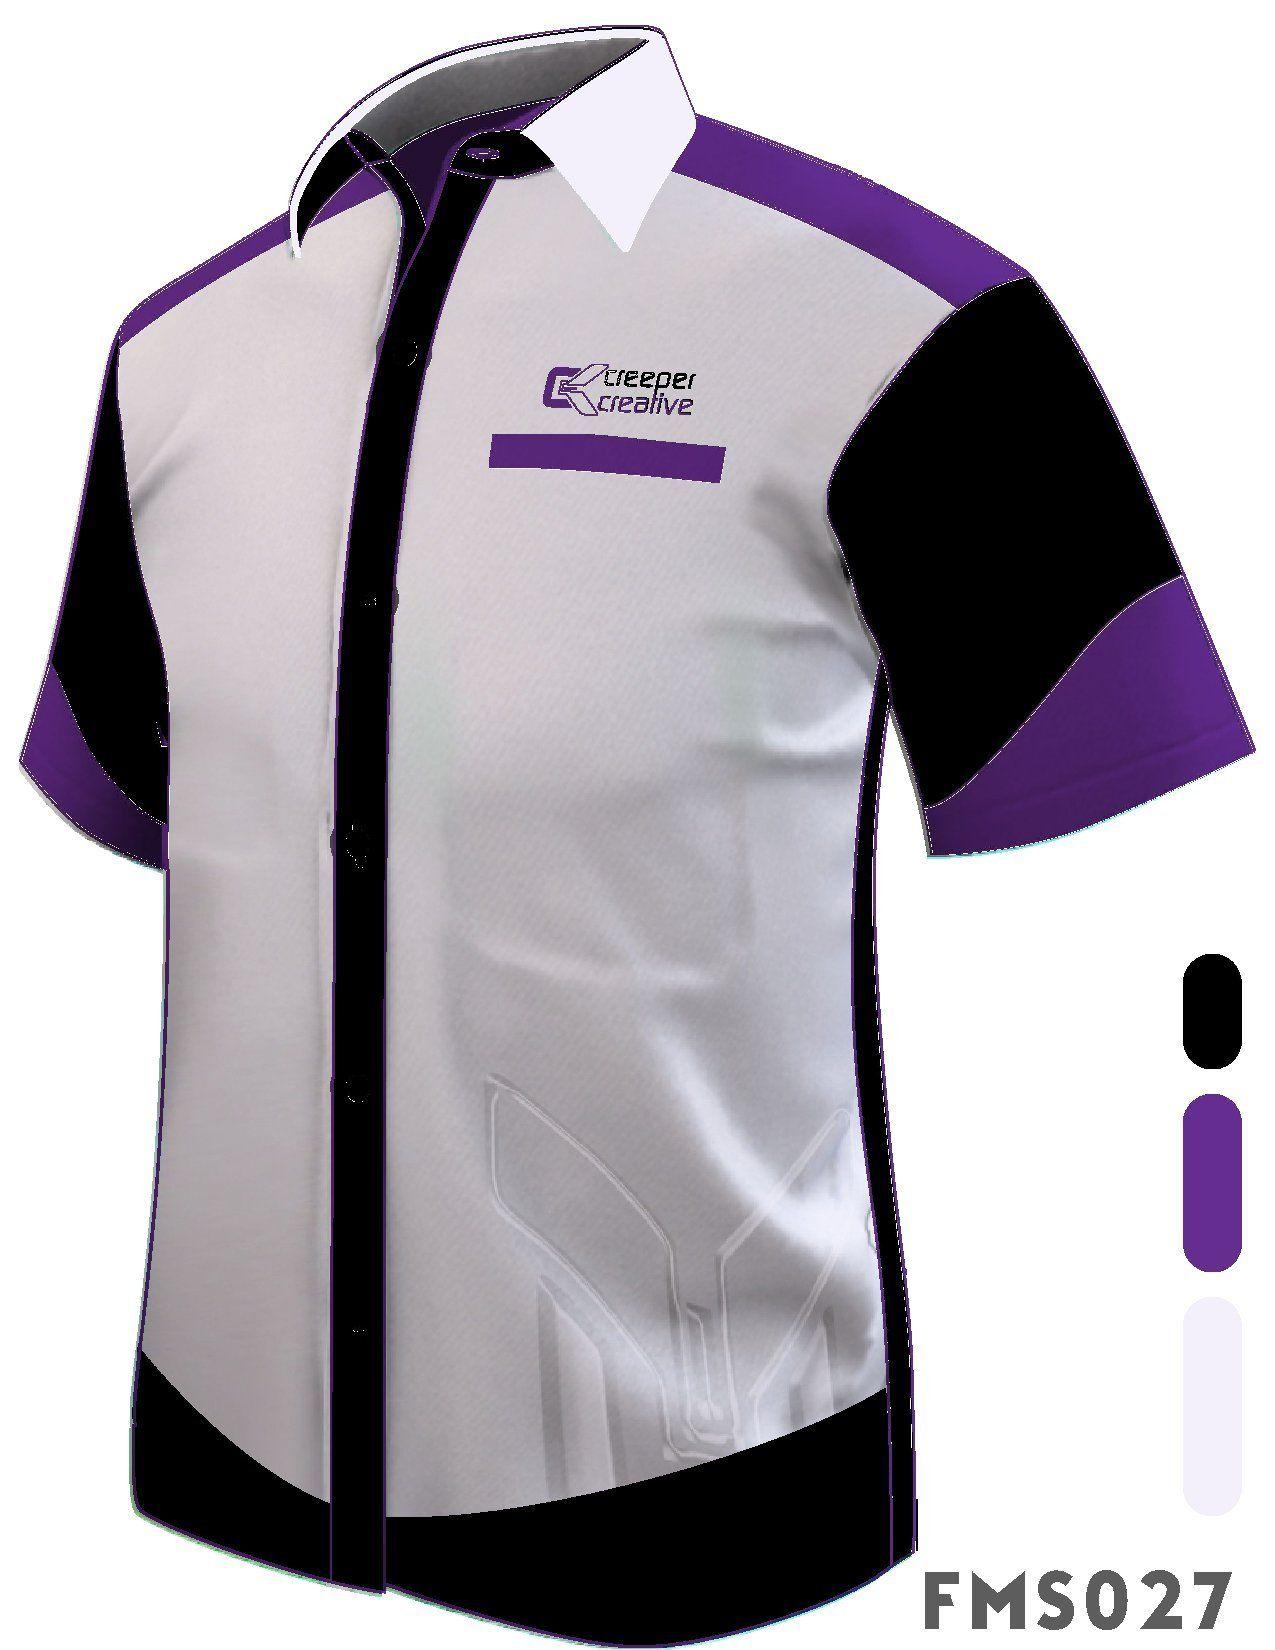 Koprat Design Koprat Design F1 Uniform Corporate Uniform Corporate T